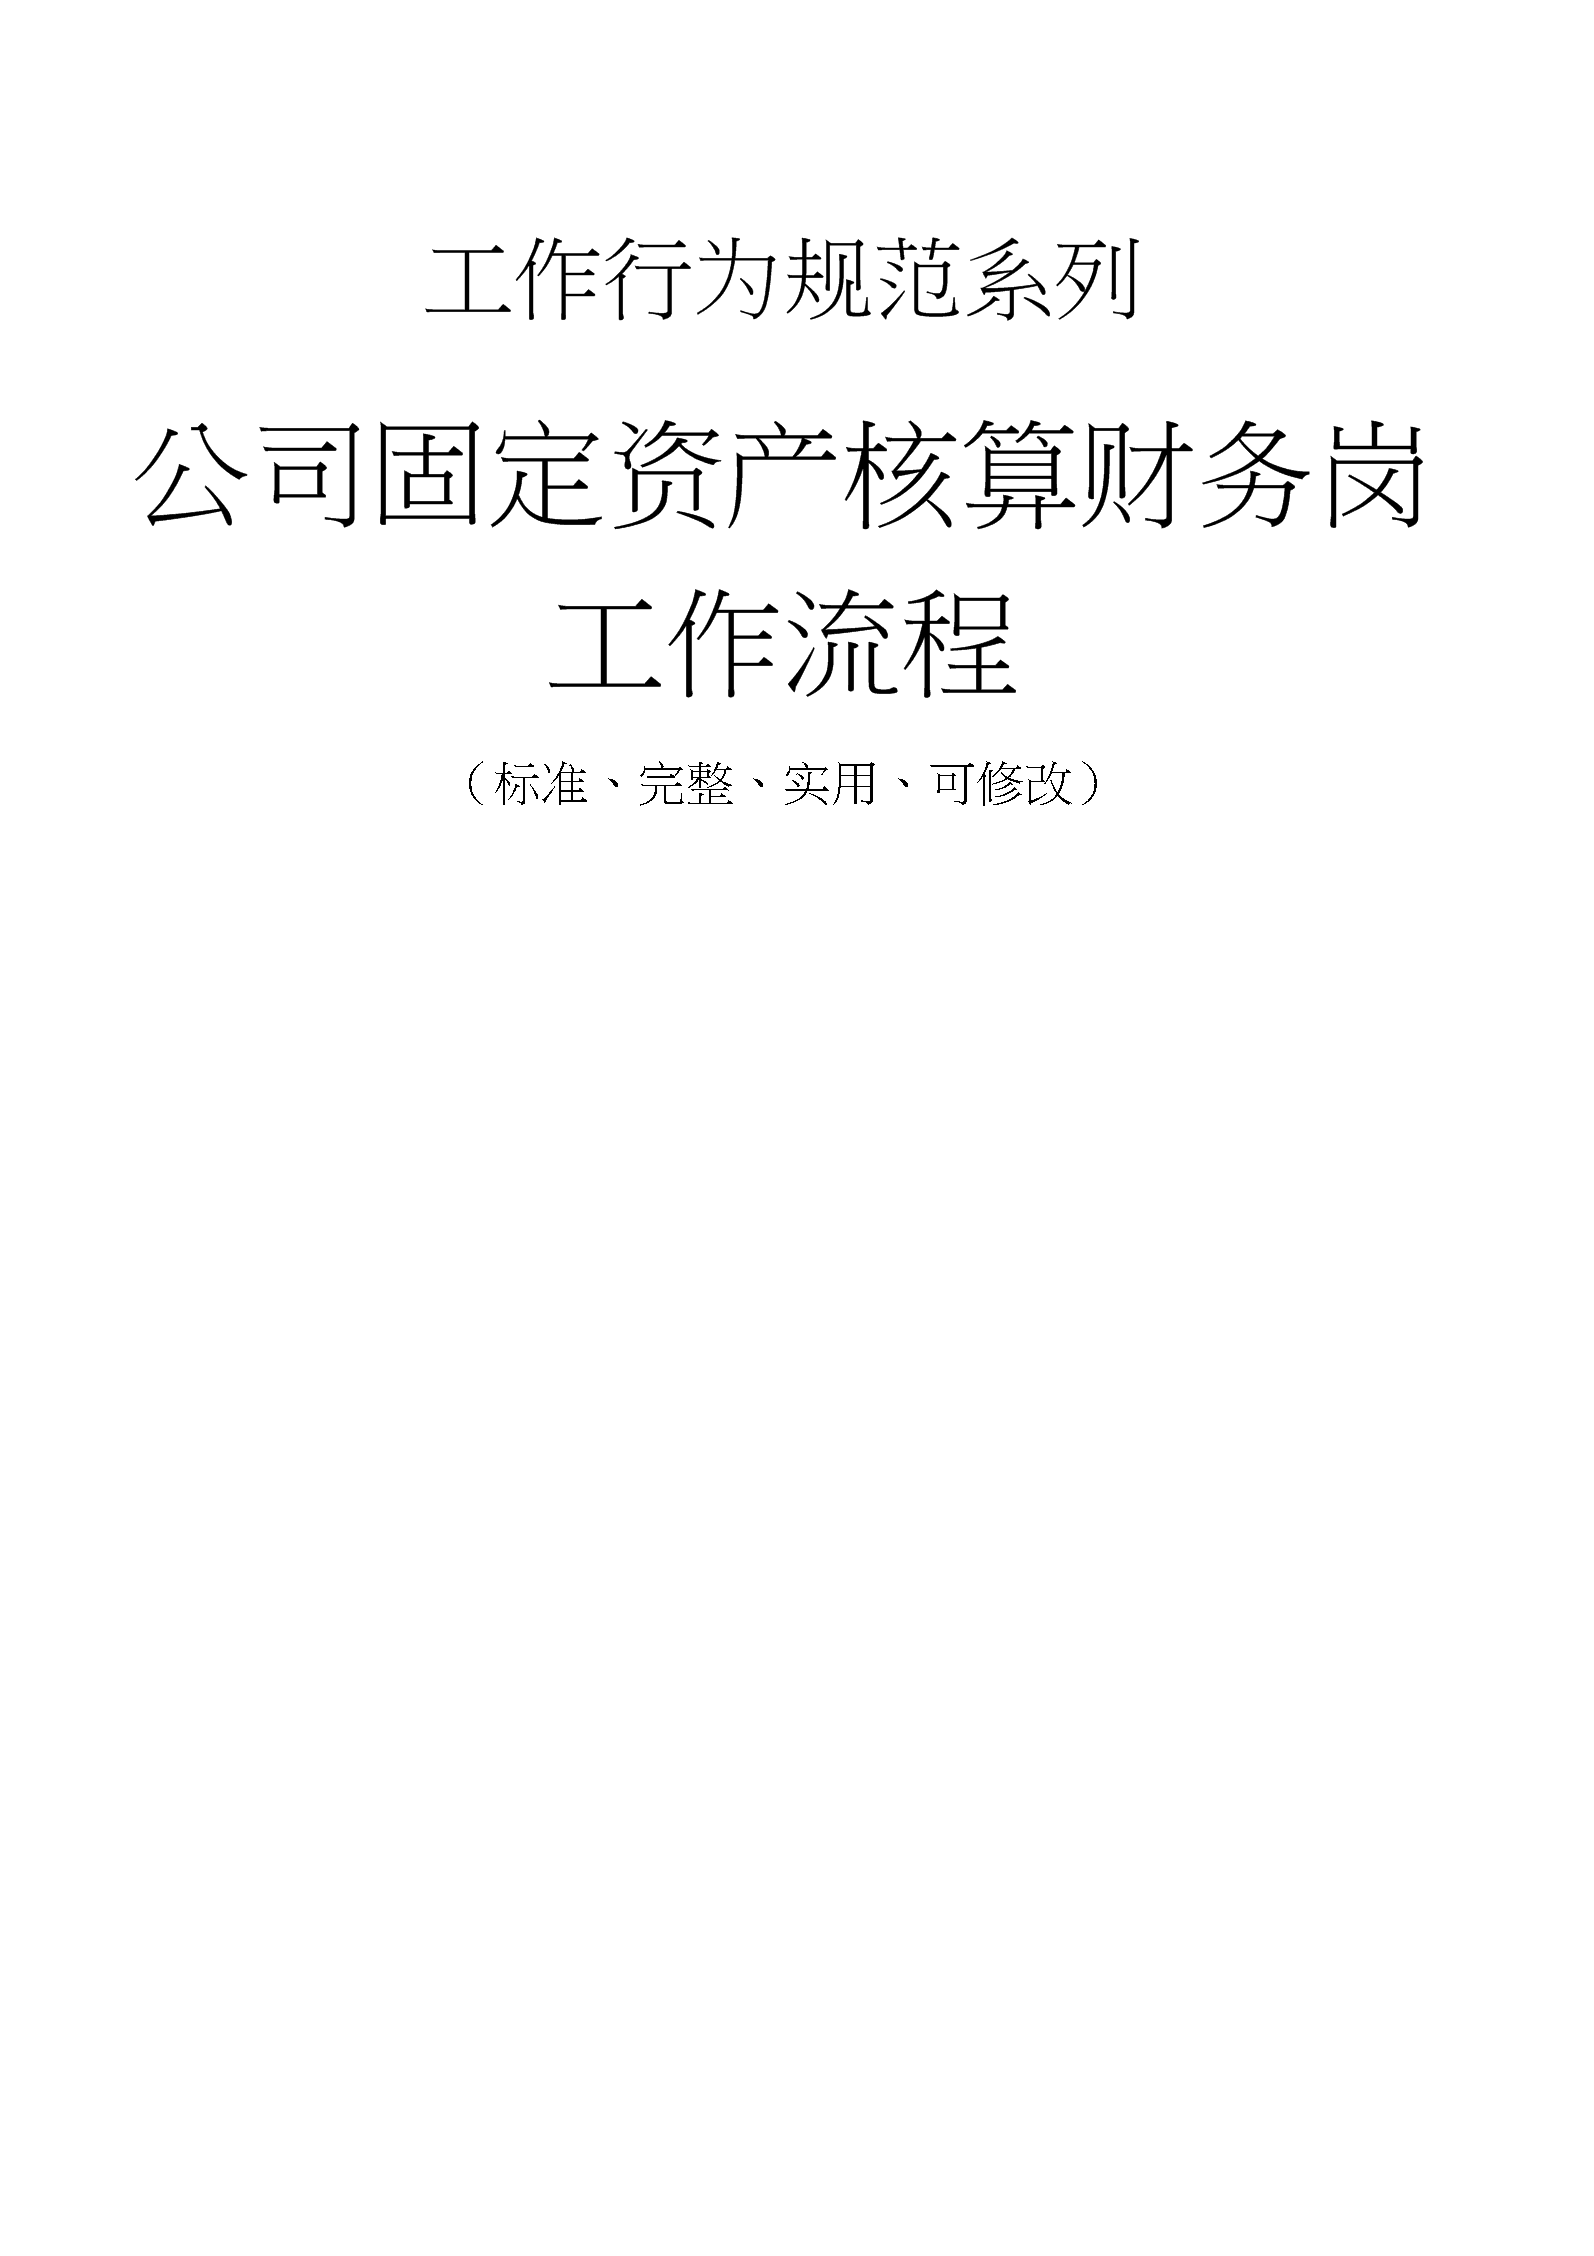 公司固定资产核算财务岗工作流程.docx